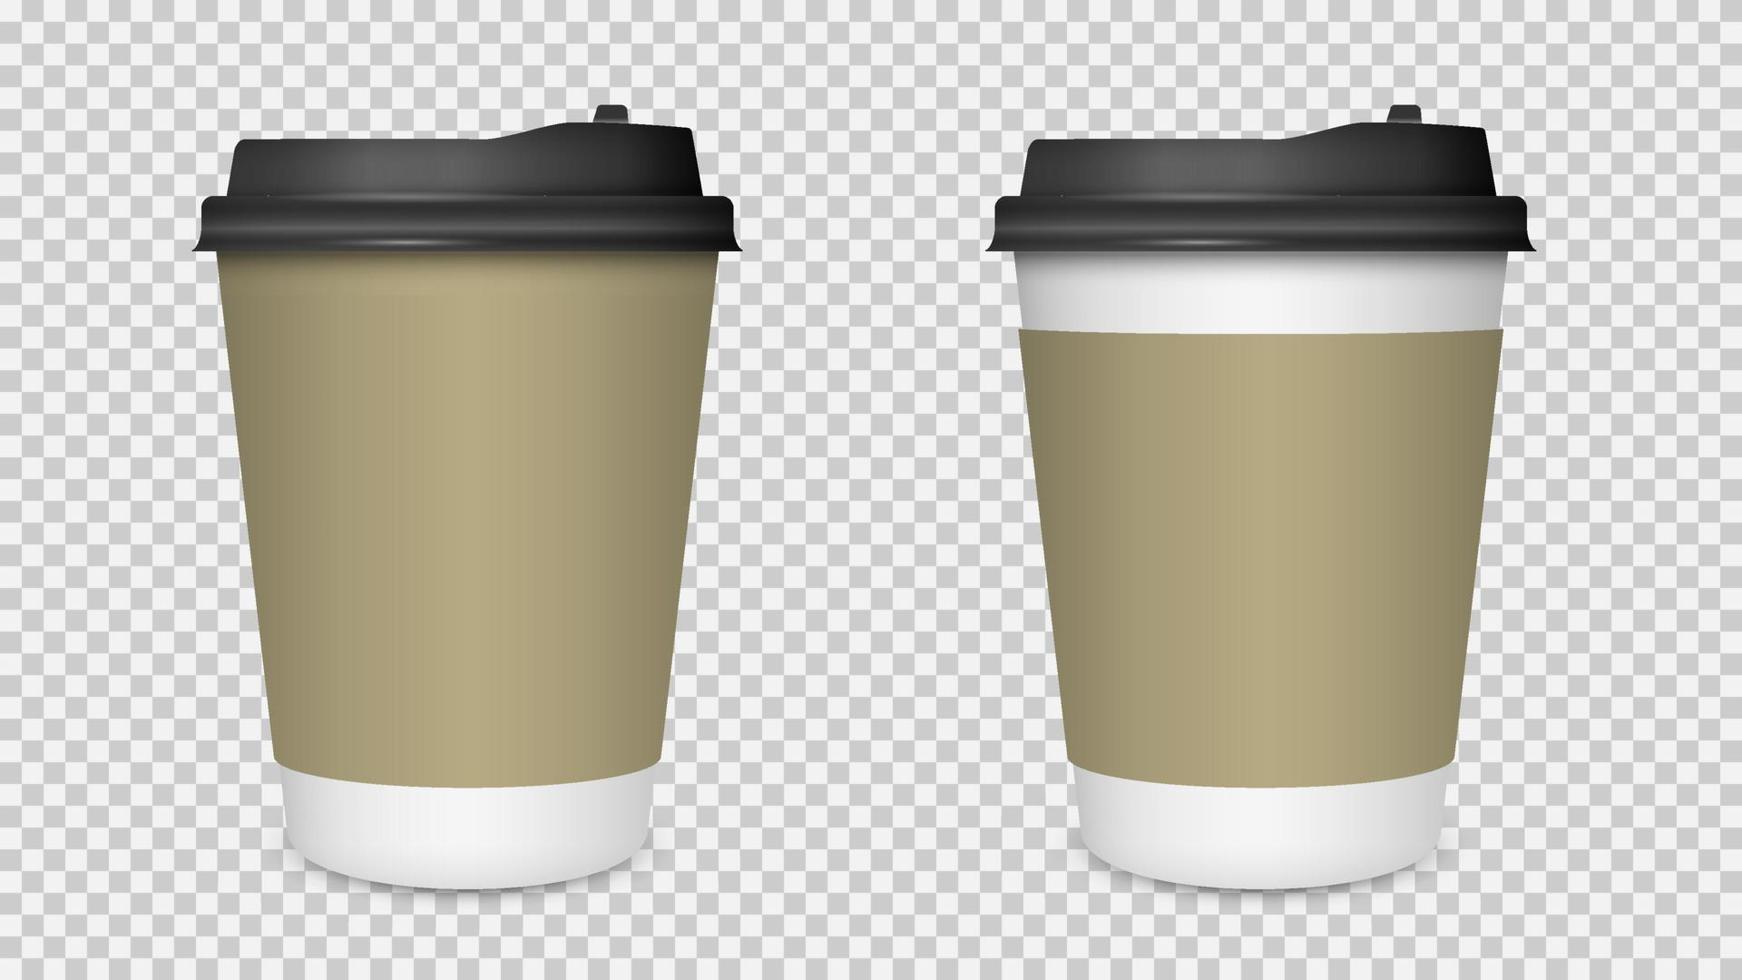 xícara de café isolada, maquete de xícara de café de papel em branco vetor